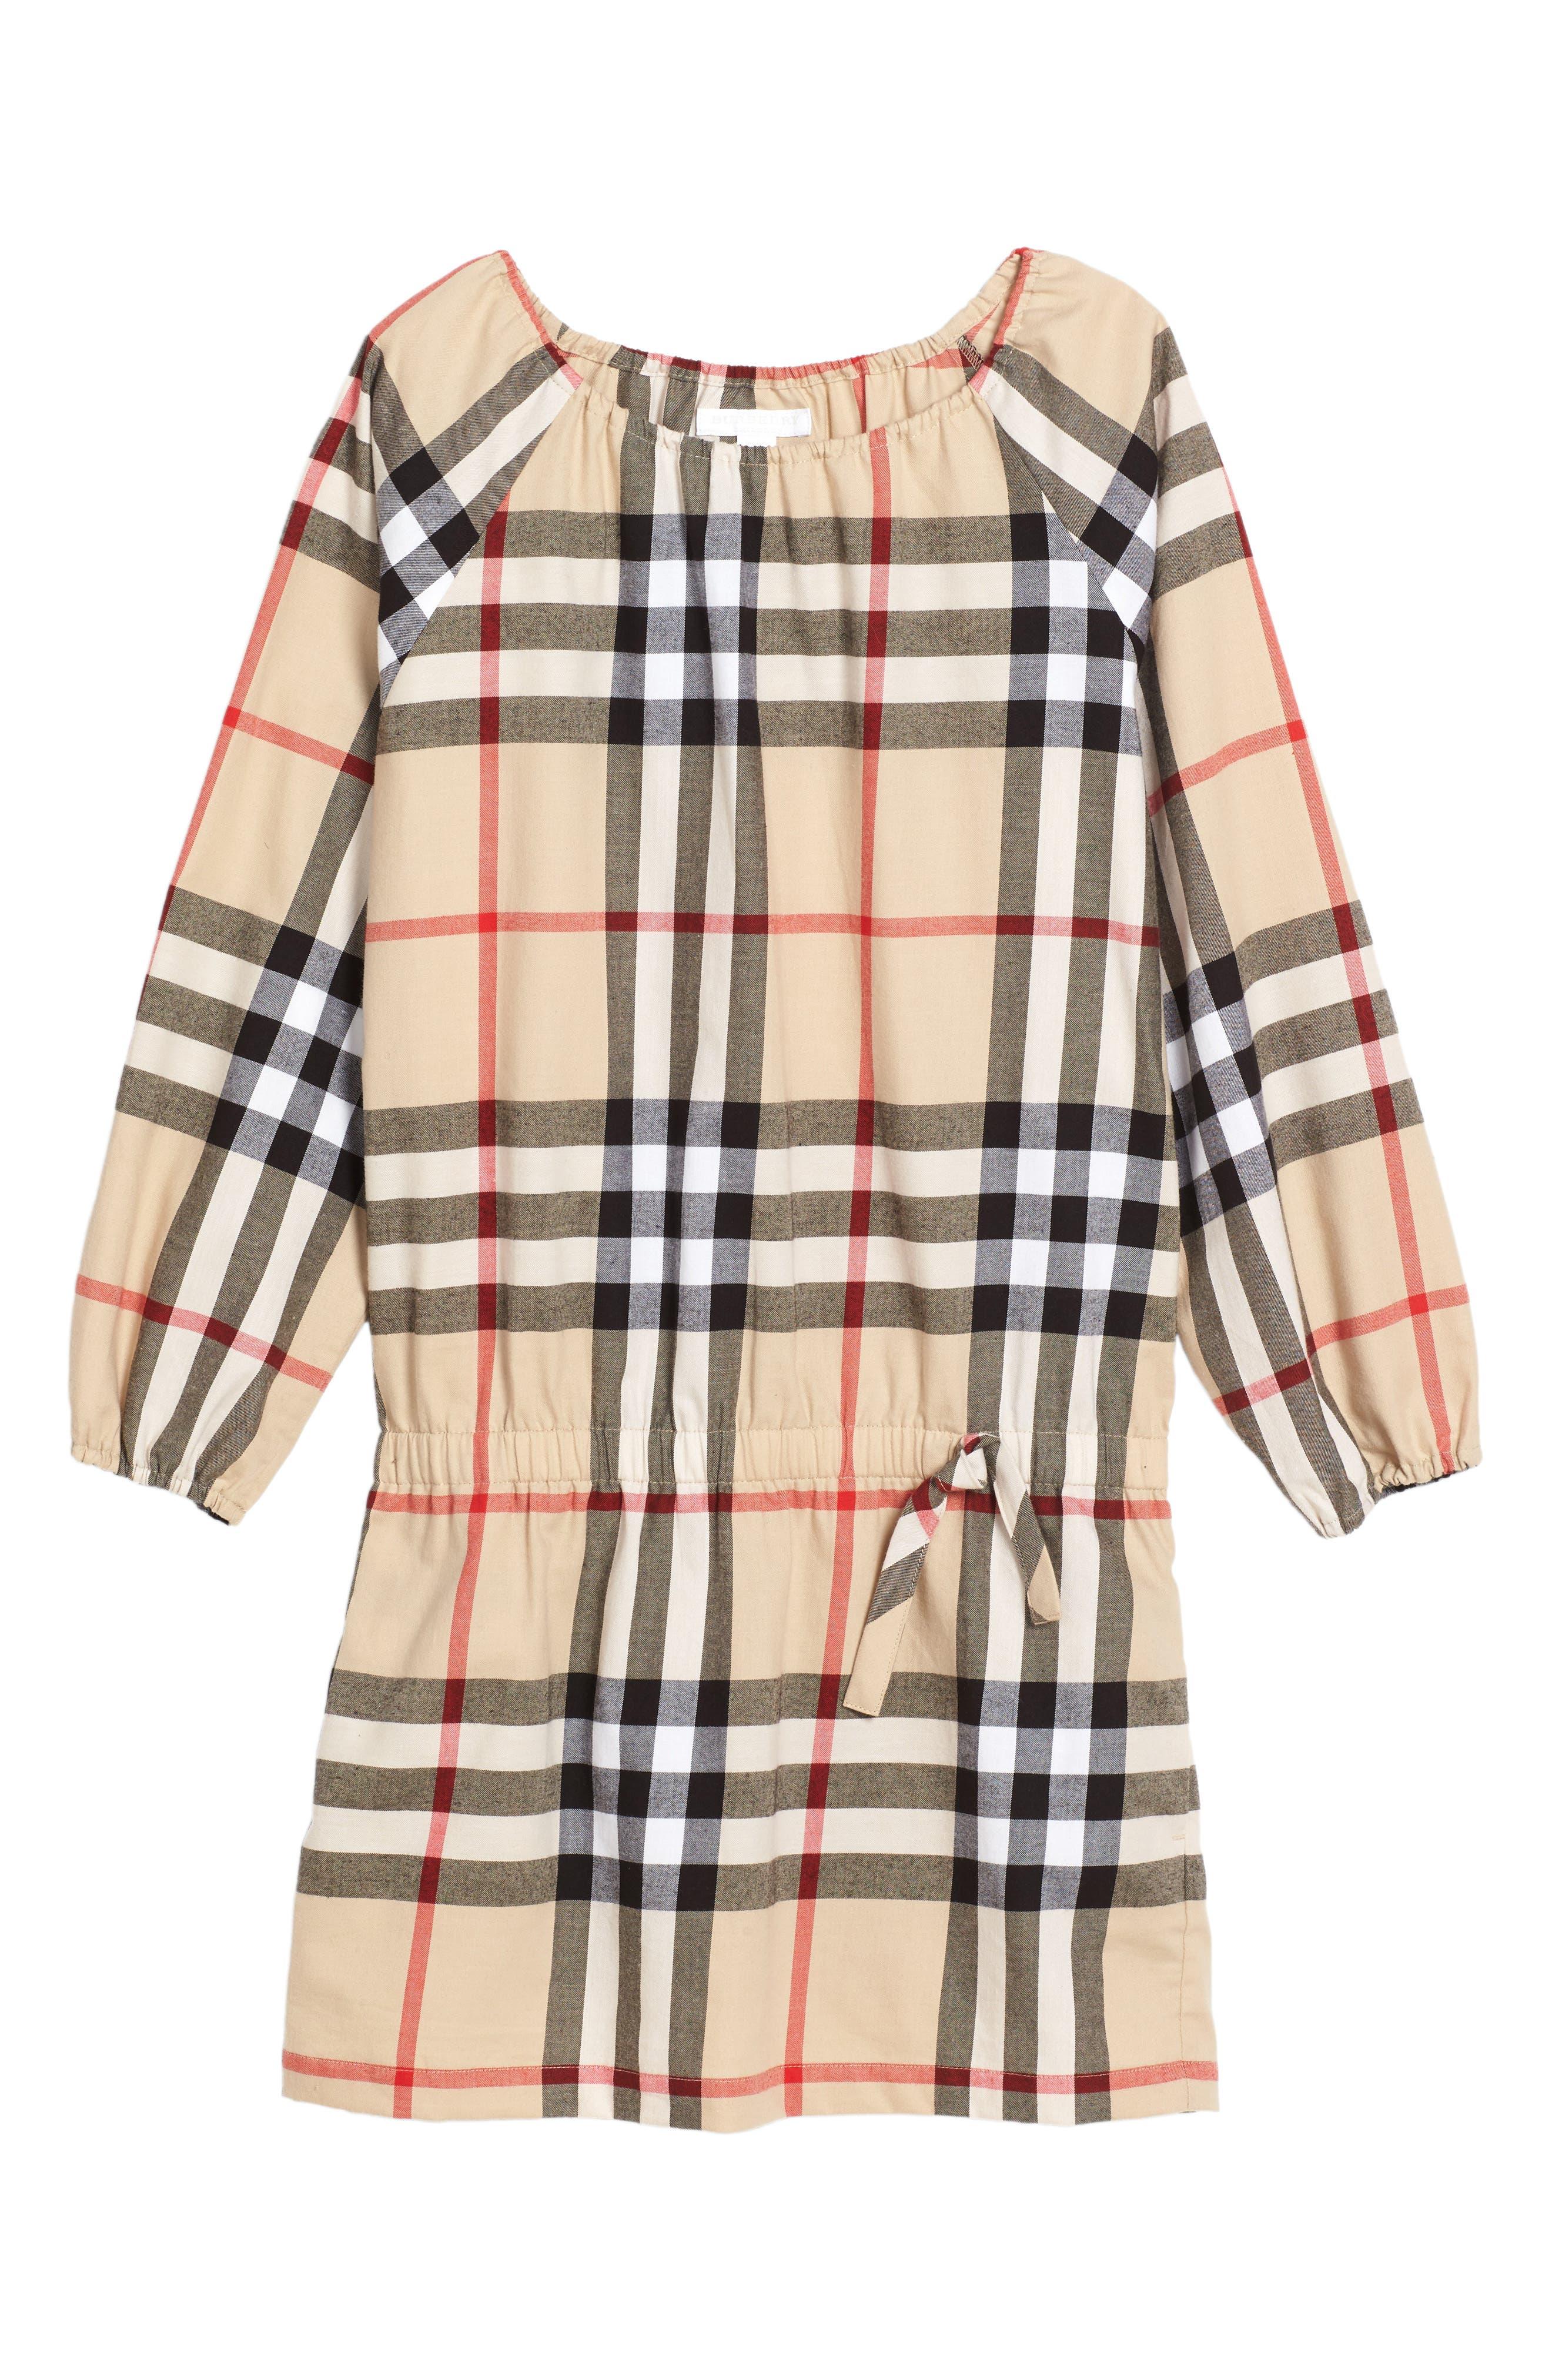 Main Image - Burberry Kadyann Check Dress (Little Girls & Big Girls)